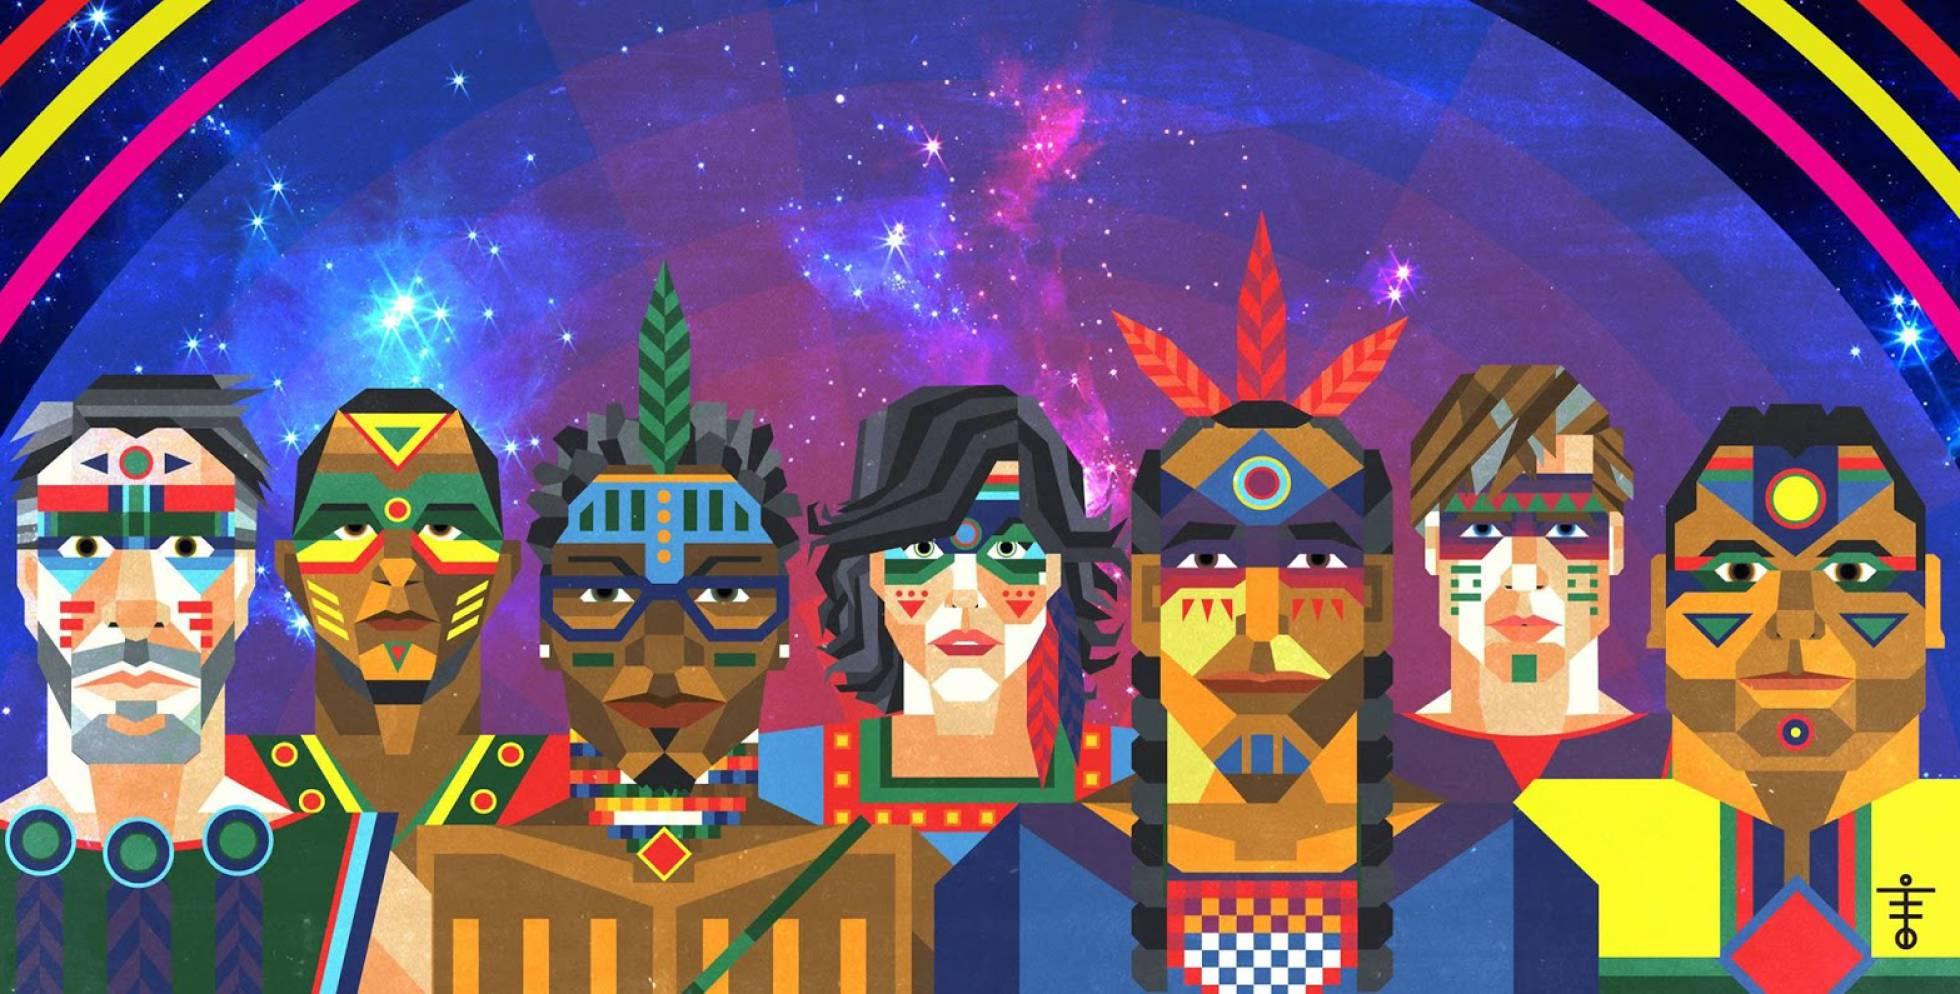 Foto promocional da banda Systema Solar, coletivo músico-visual da região do Caribe da Colômbia.